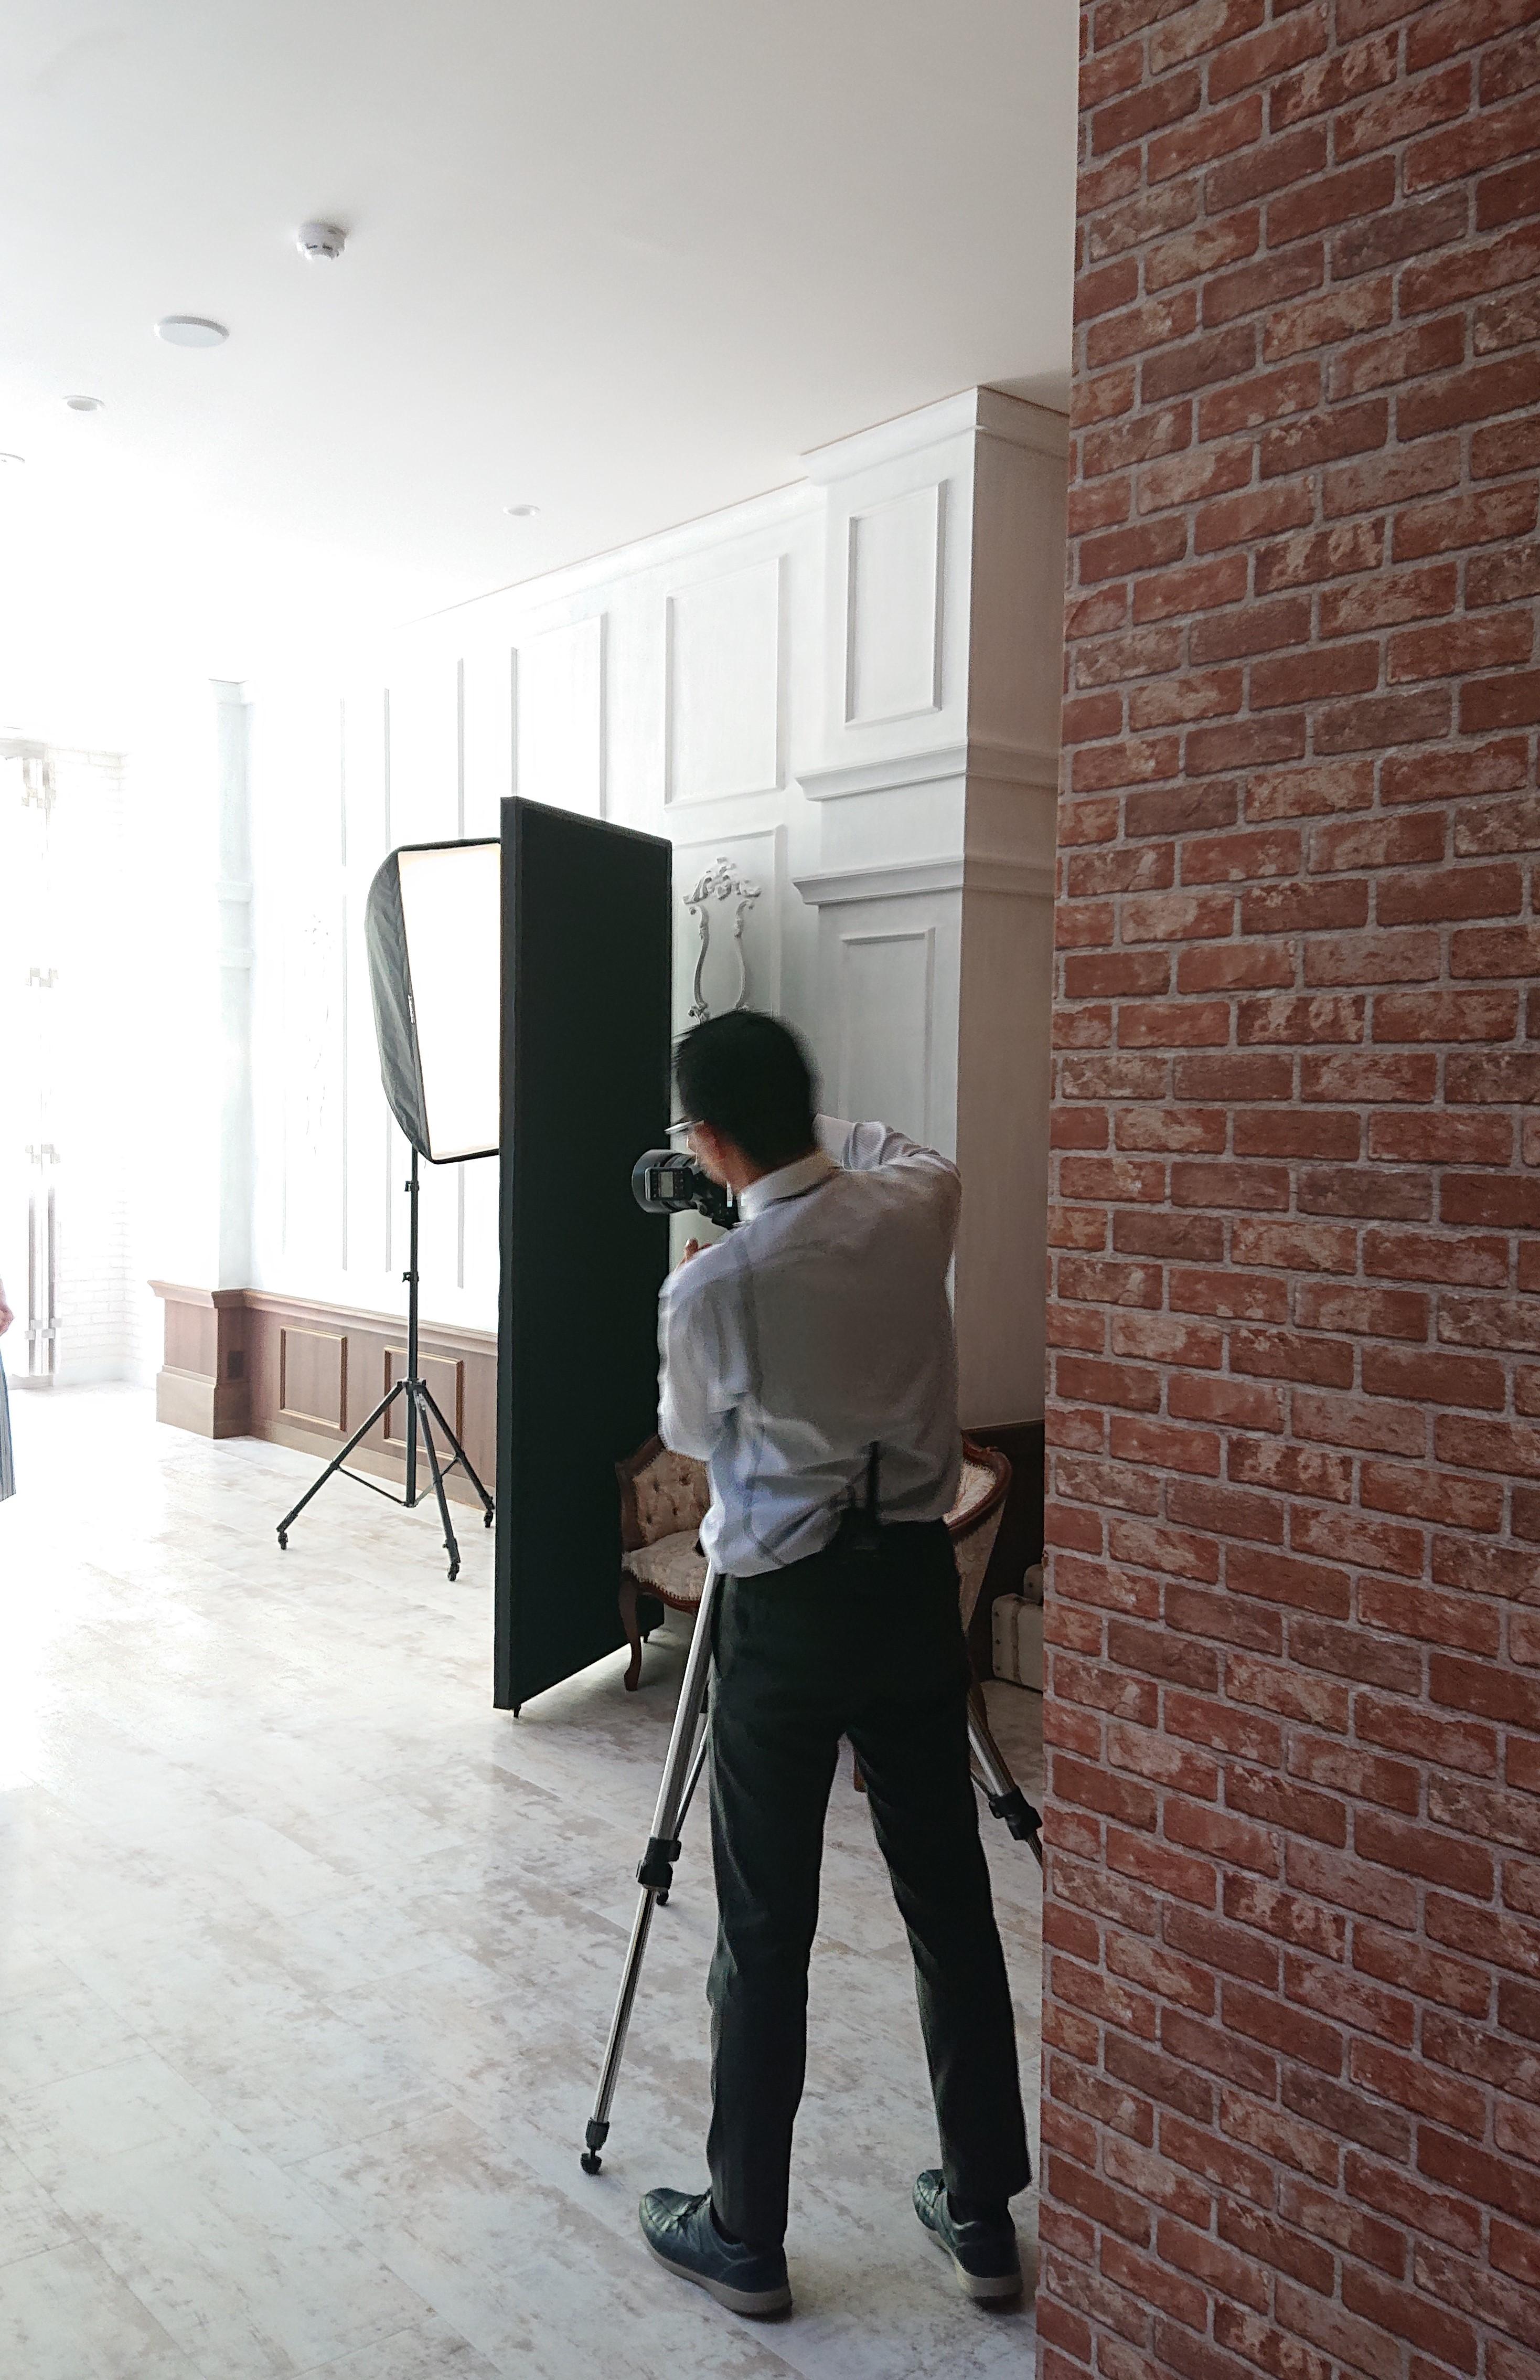 スタジオで写真撮影のお手伝いしました